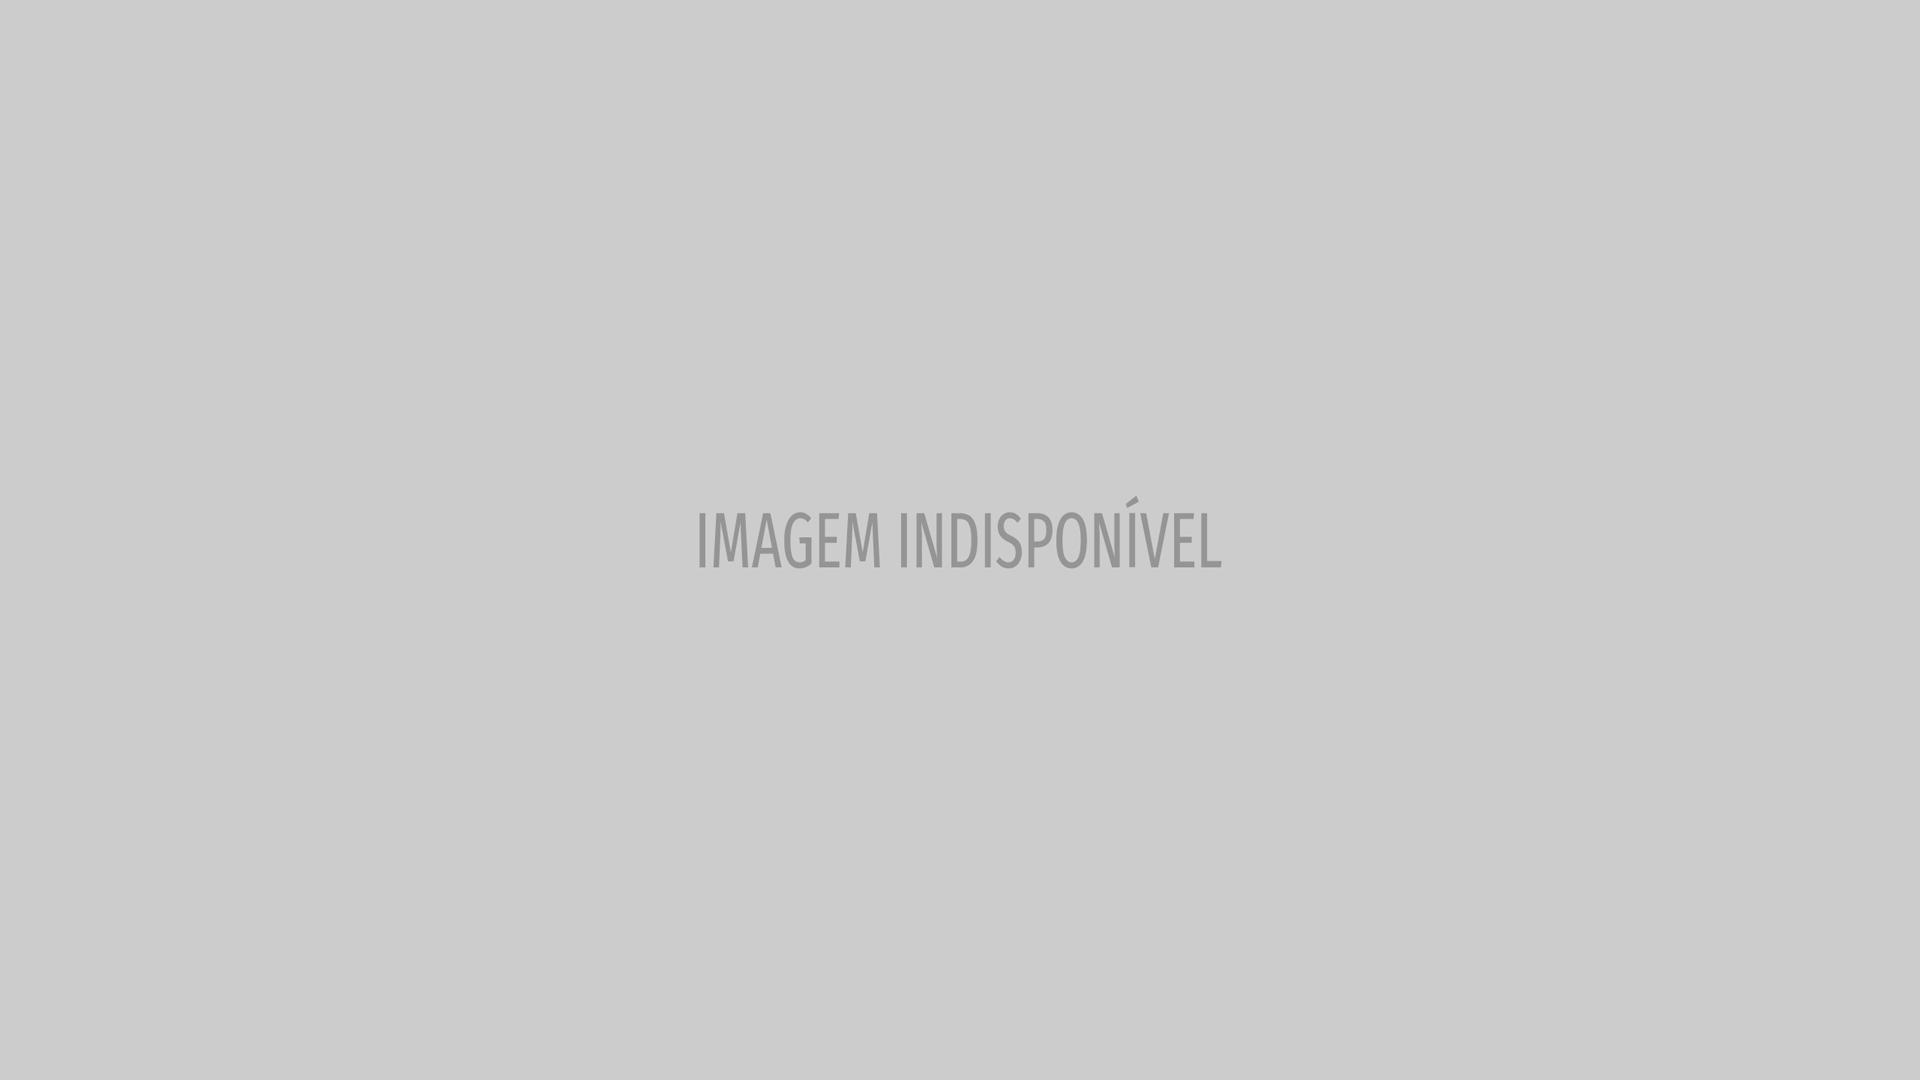 Naldo agrediu esposa por querer saber senha do Instagram, diz colunista